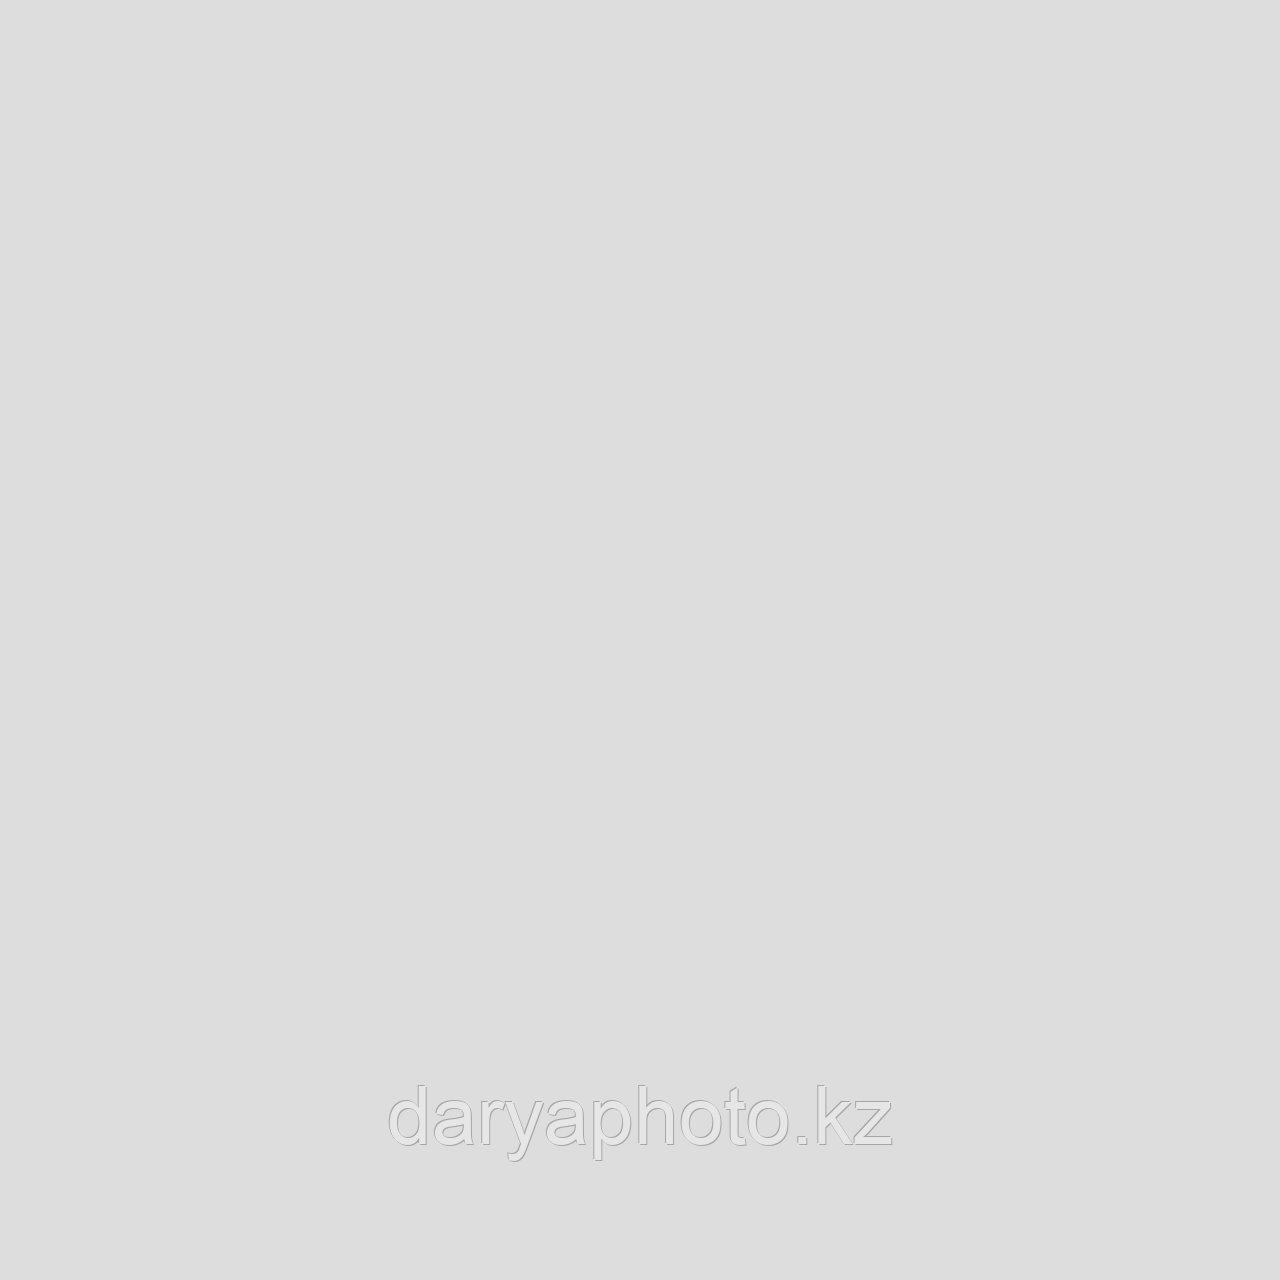 Серый натуральный Фон бумажный. Фотофон. Фон для фотостудии